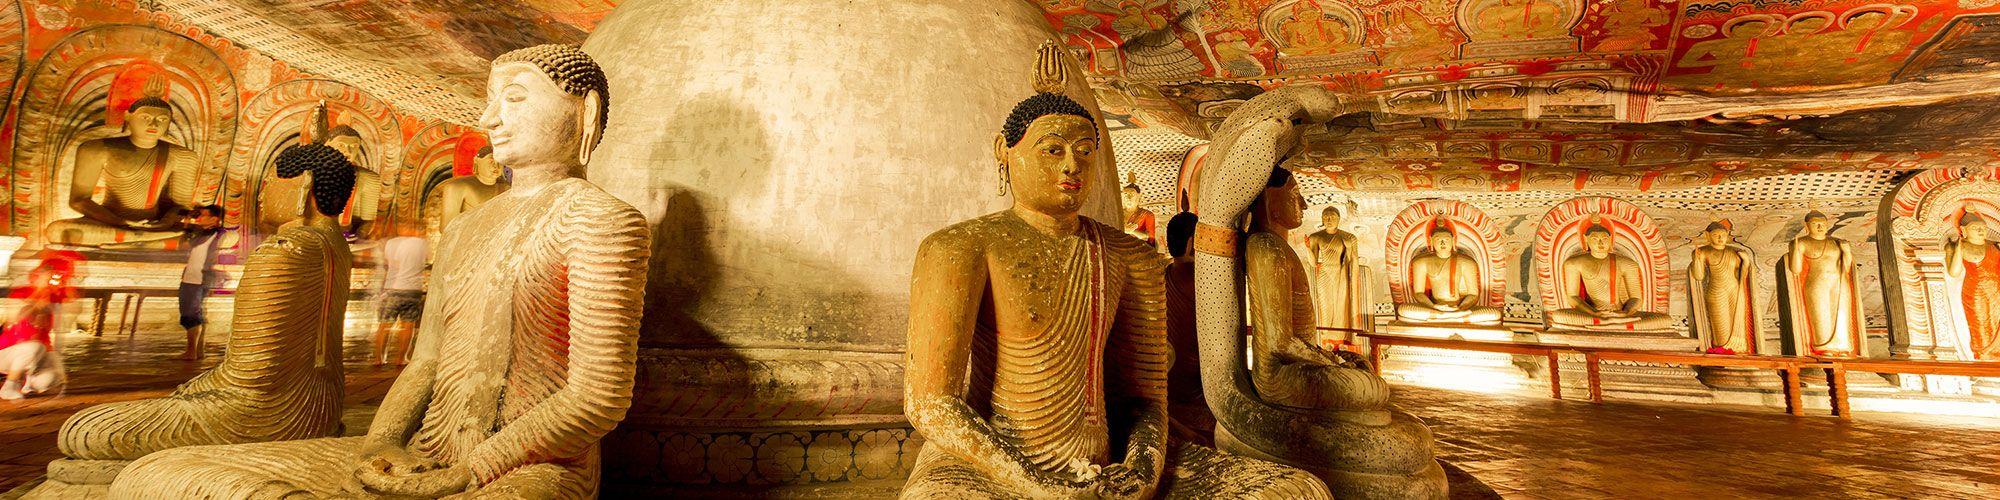 Sri Lanka, Dambulla, Höhle, Tempel